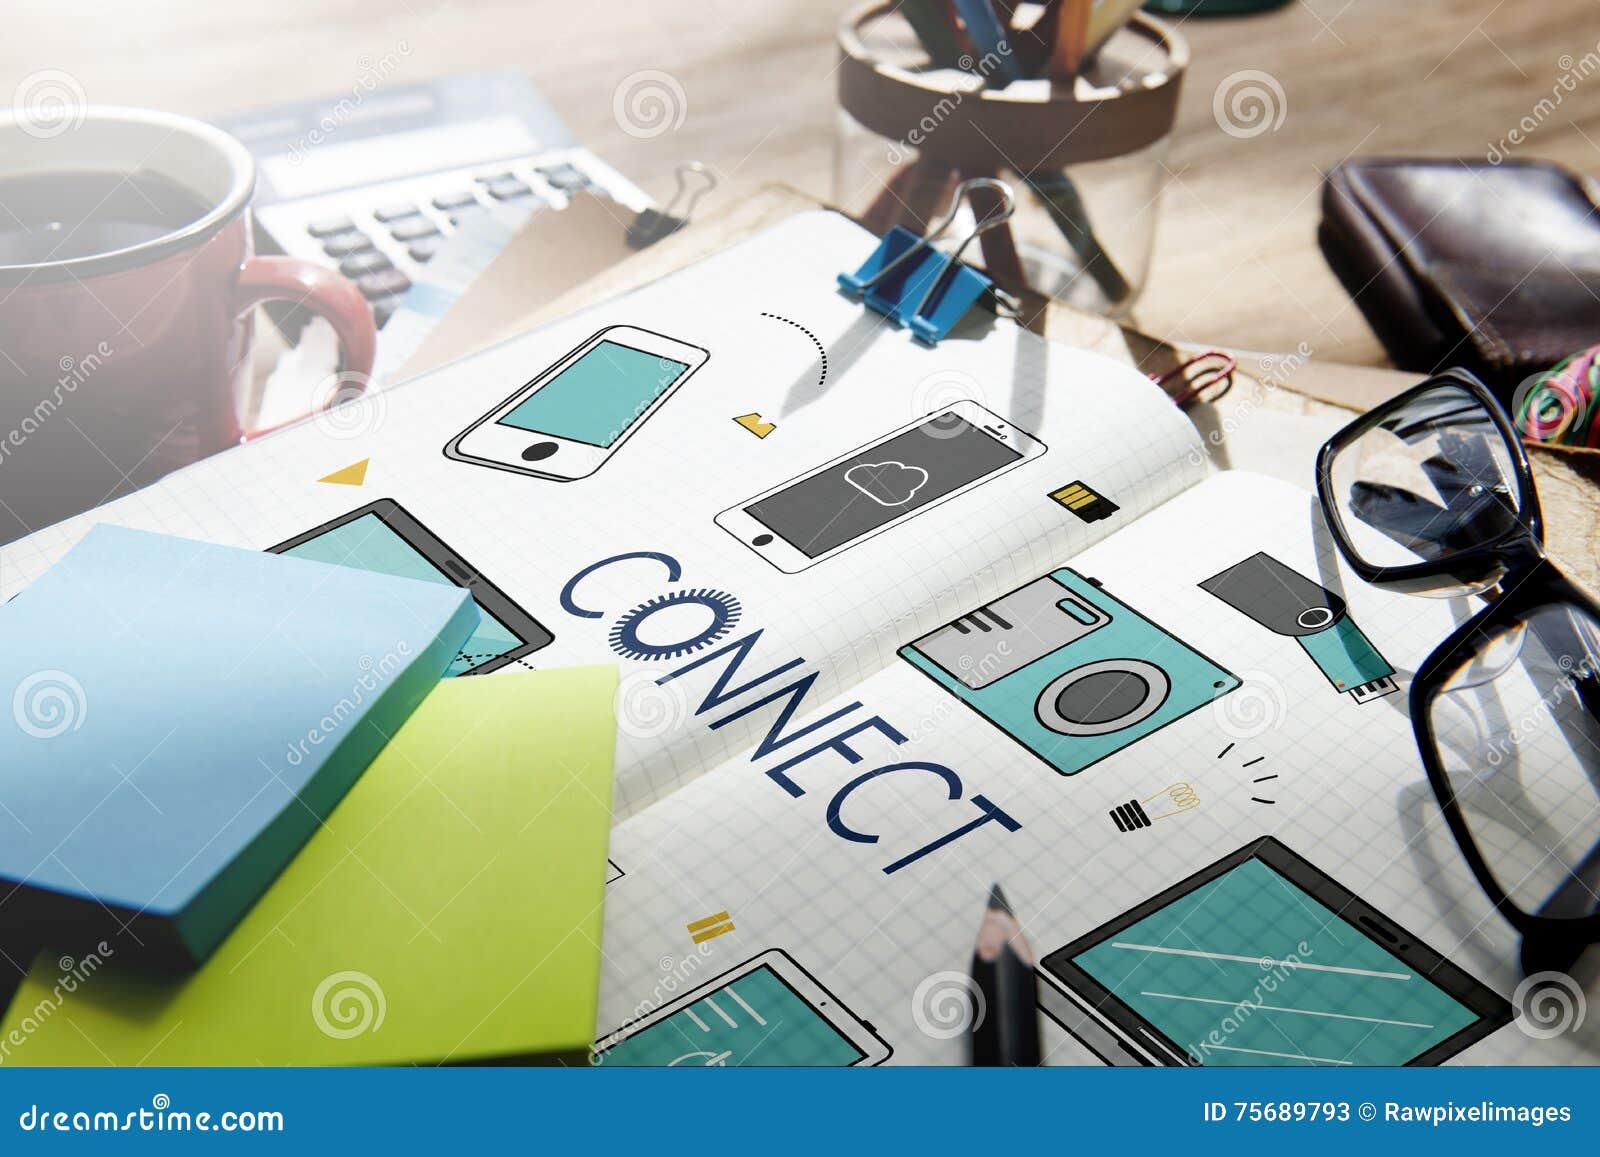 Συνδέστε την έννοια επικοινωνίας τεχνολογίας συσκευών σύνδεσης